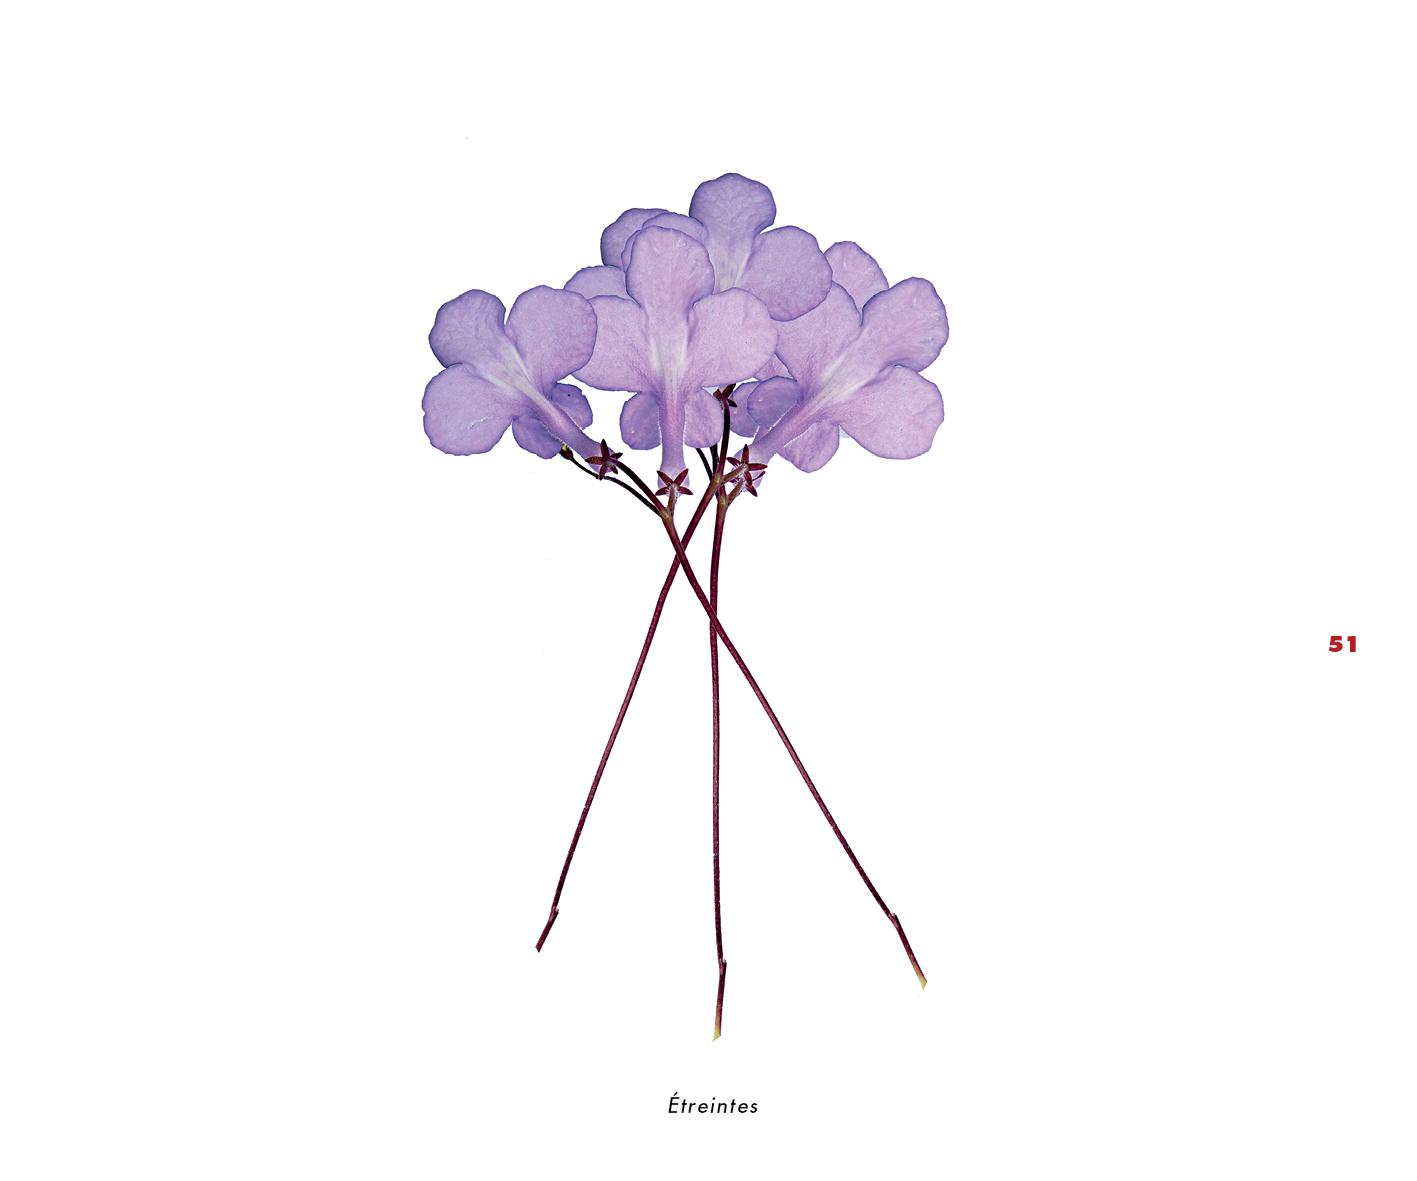 Fleurs et jardins imaginaires 51